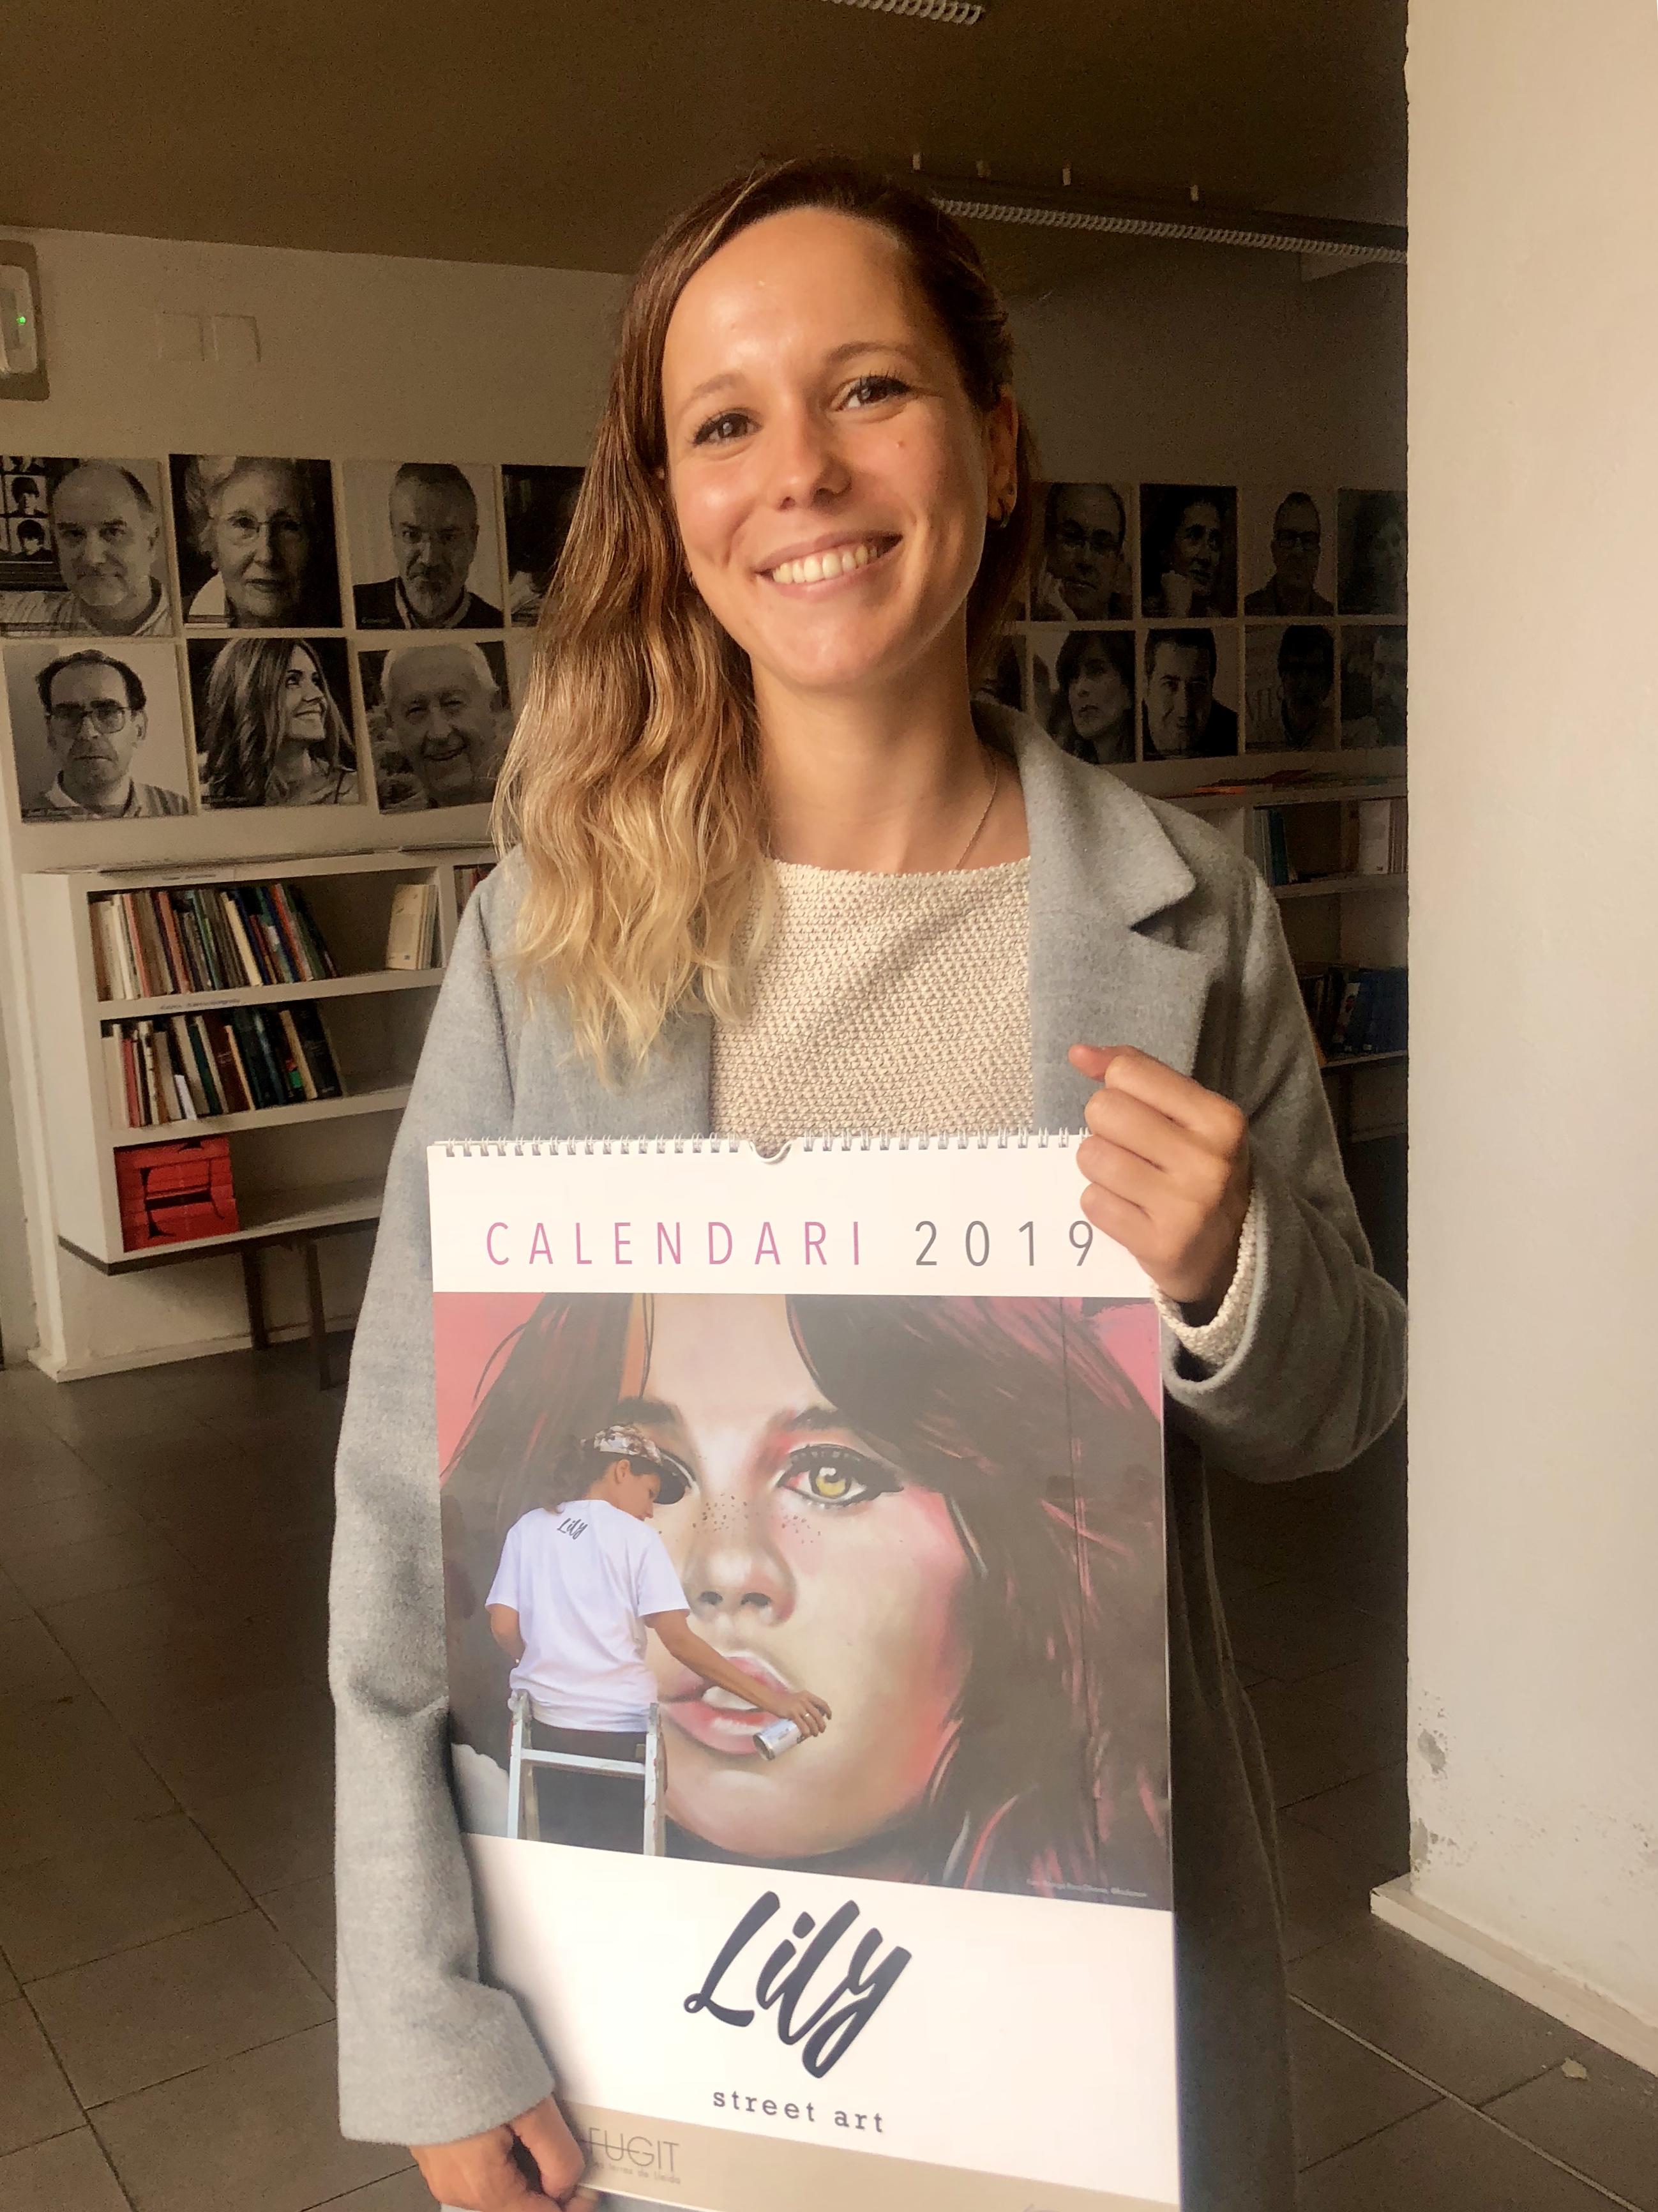 L'artista lleidatana Lily Brik és la protagonista del calendari de 2019 de Pagès Editors